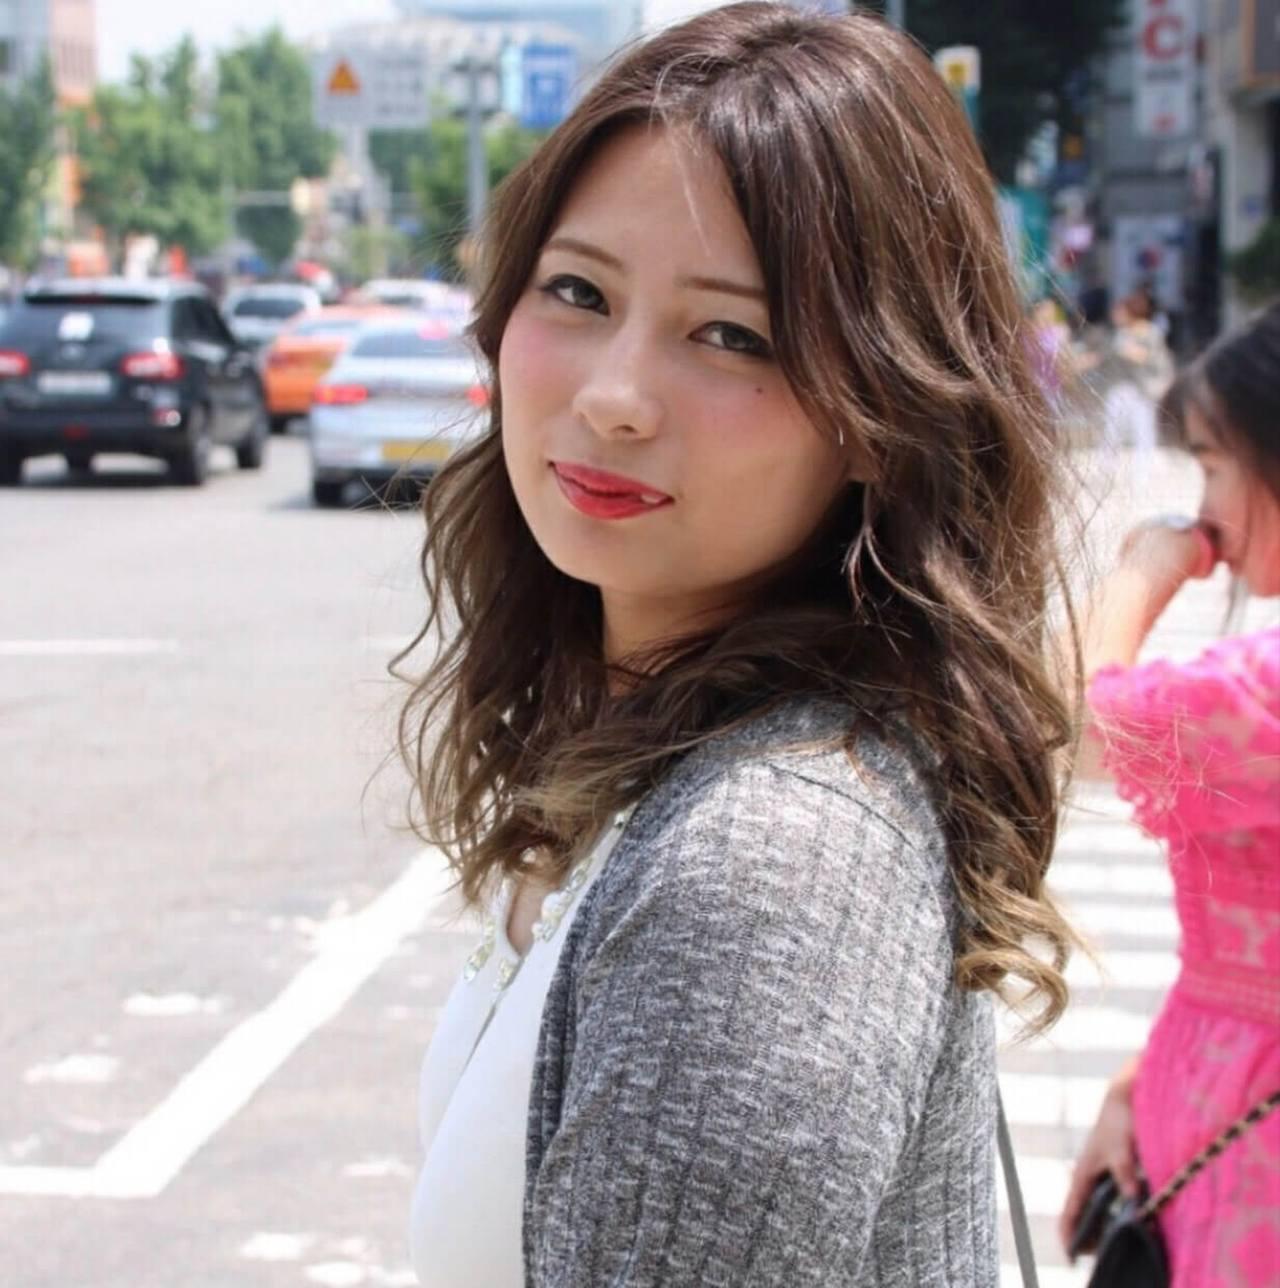 長尾里佳因與小六男童性交被判緩刑,除了是美女備受關注,網民更發現她是一名單親媽。...